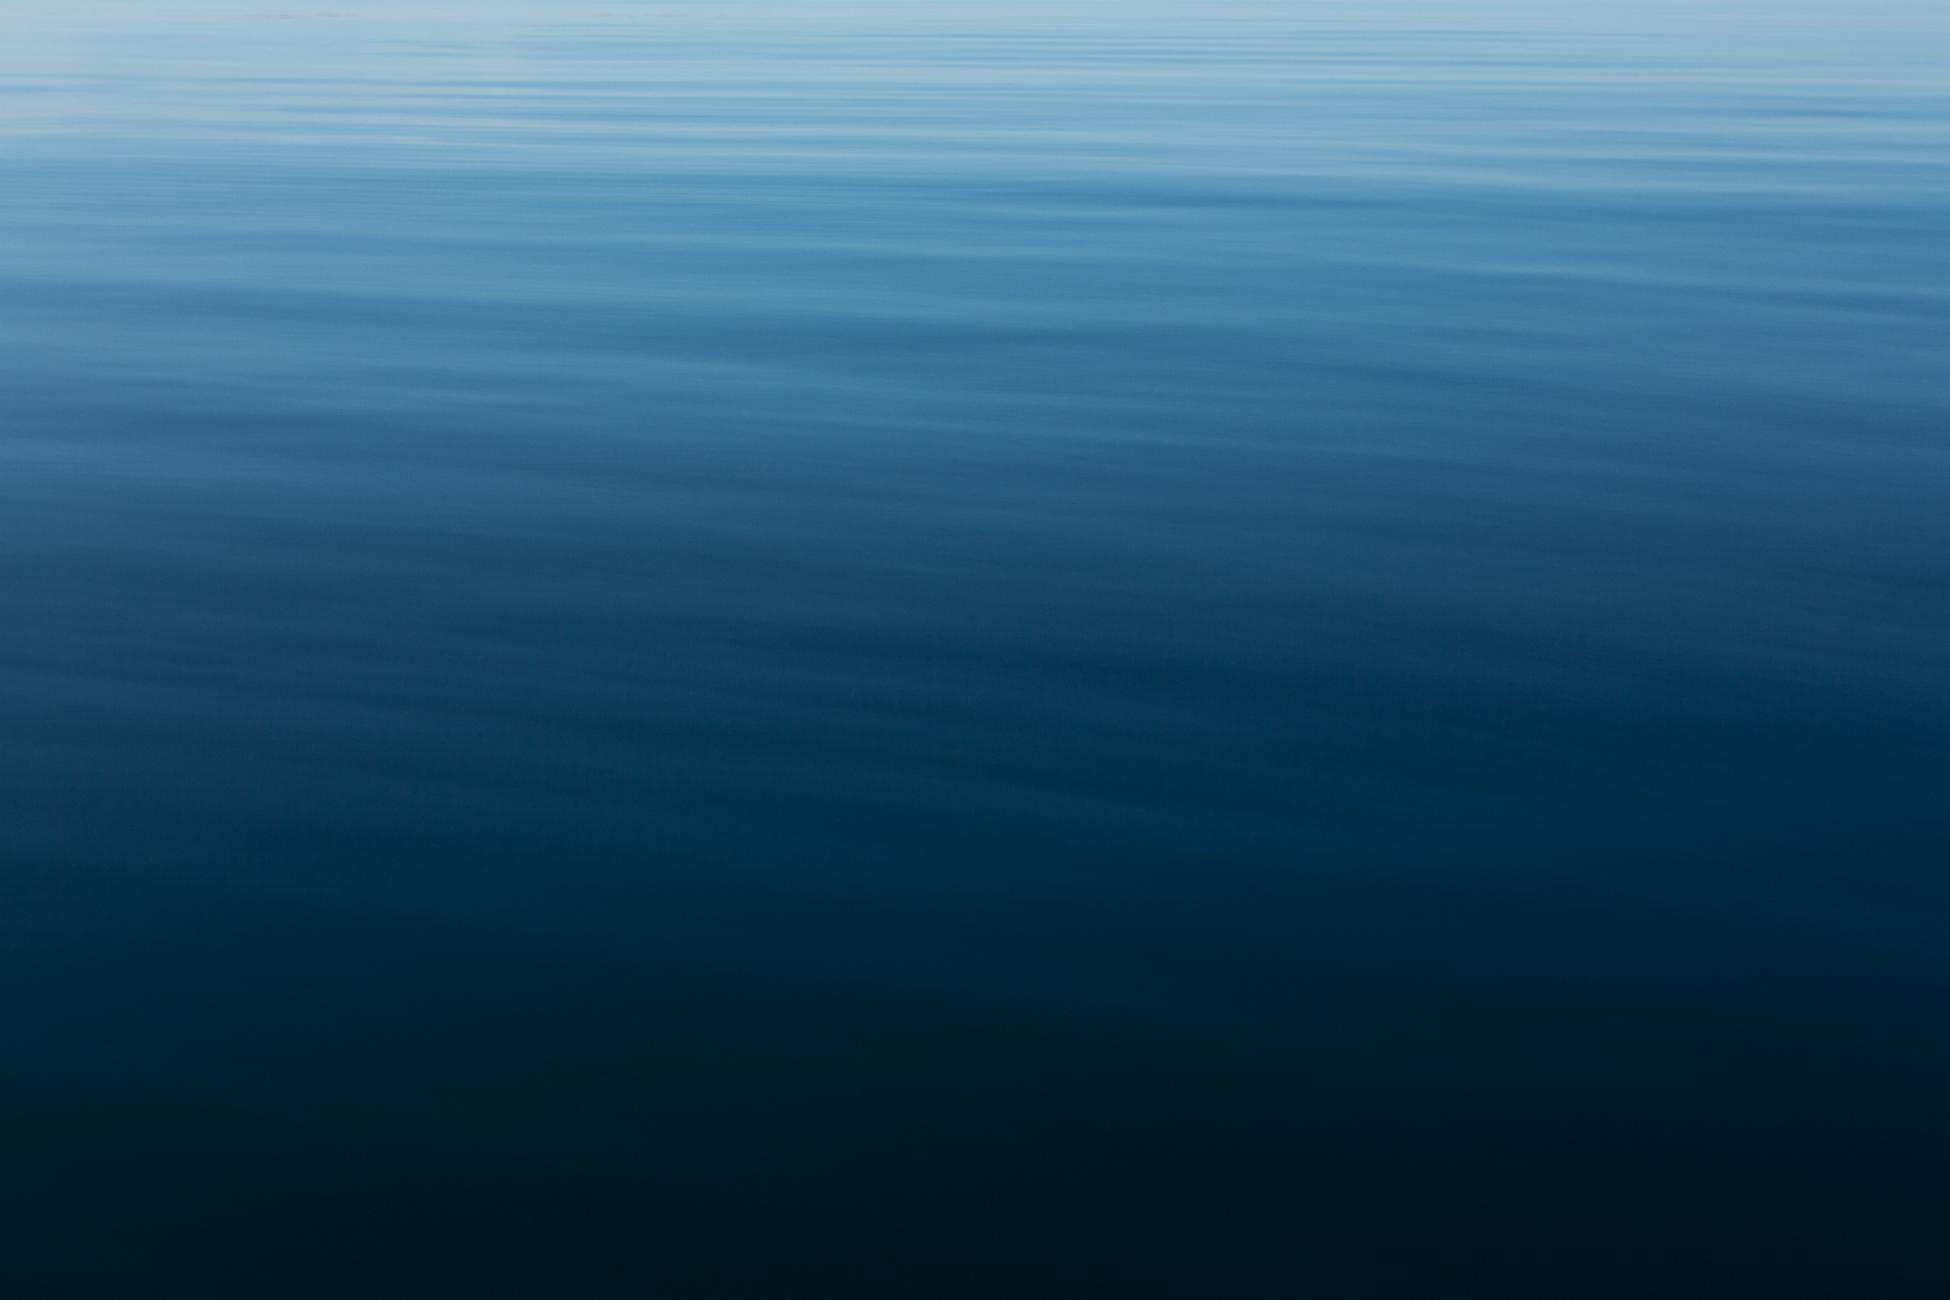 Water III, 2014 //  120 cm x 180 cm